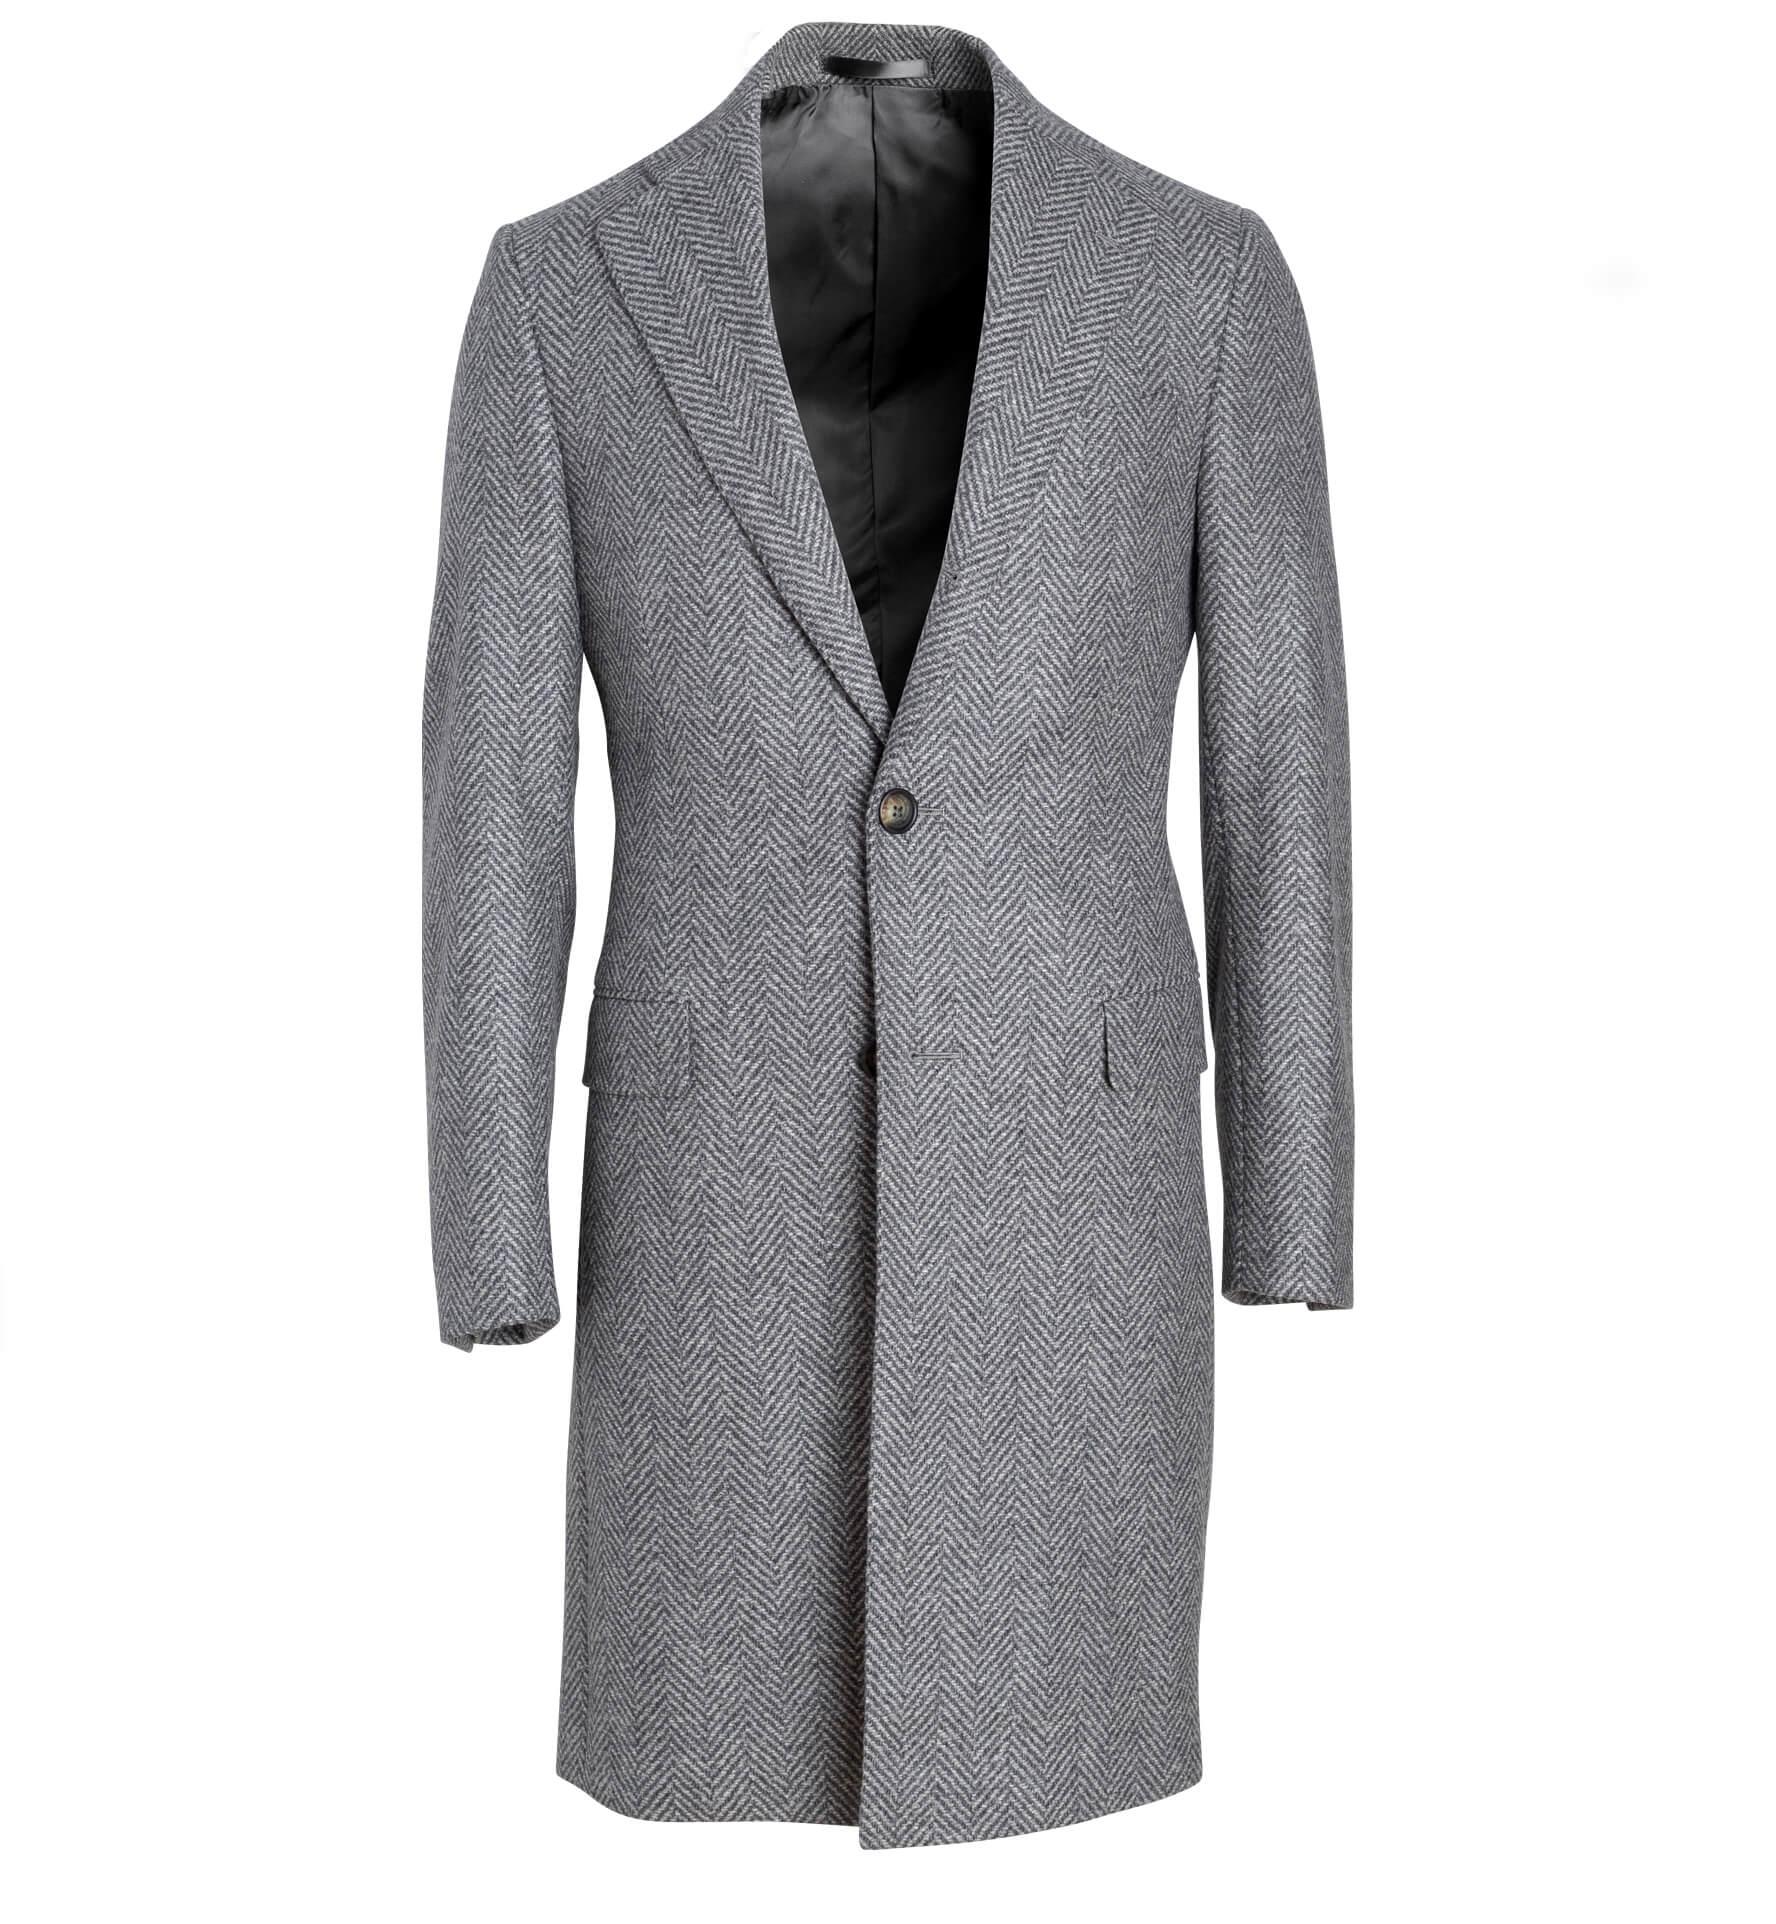 Zoom Image of Bleecker Light Grey Herringbone Coat